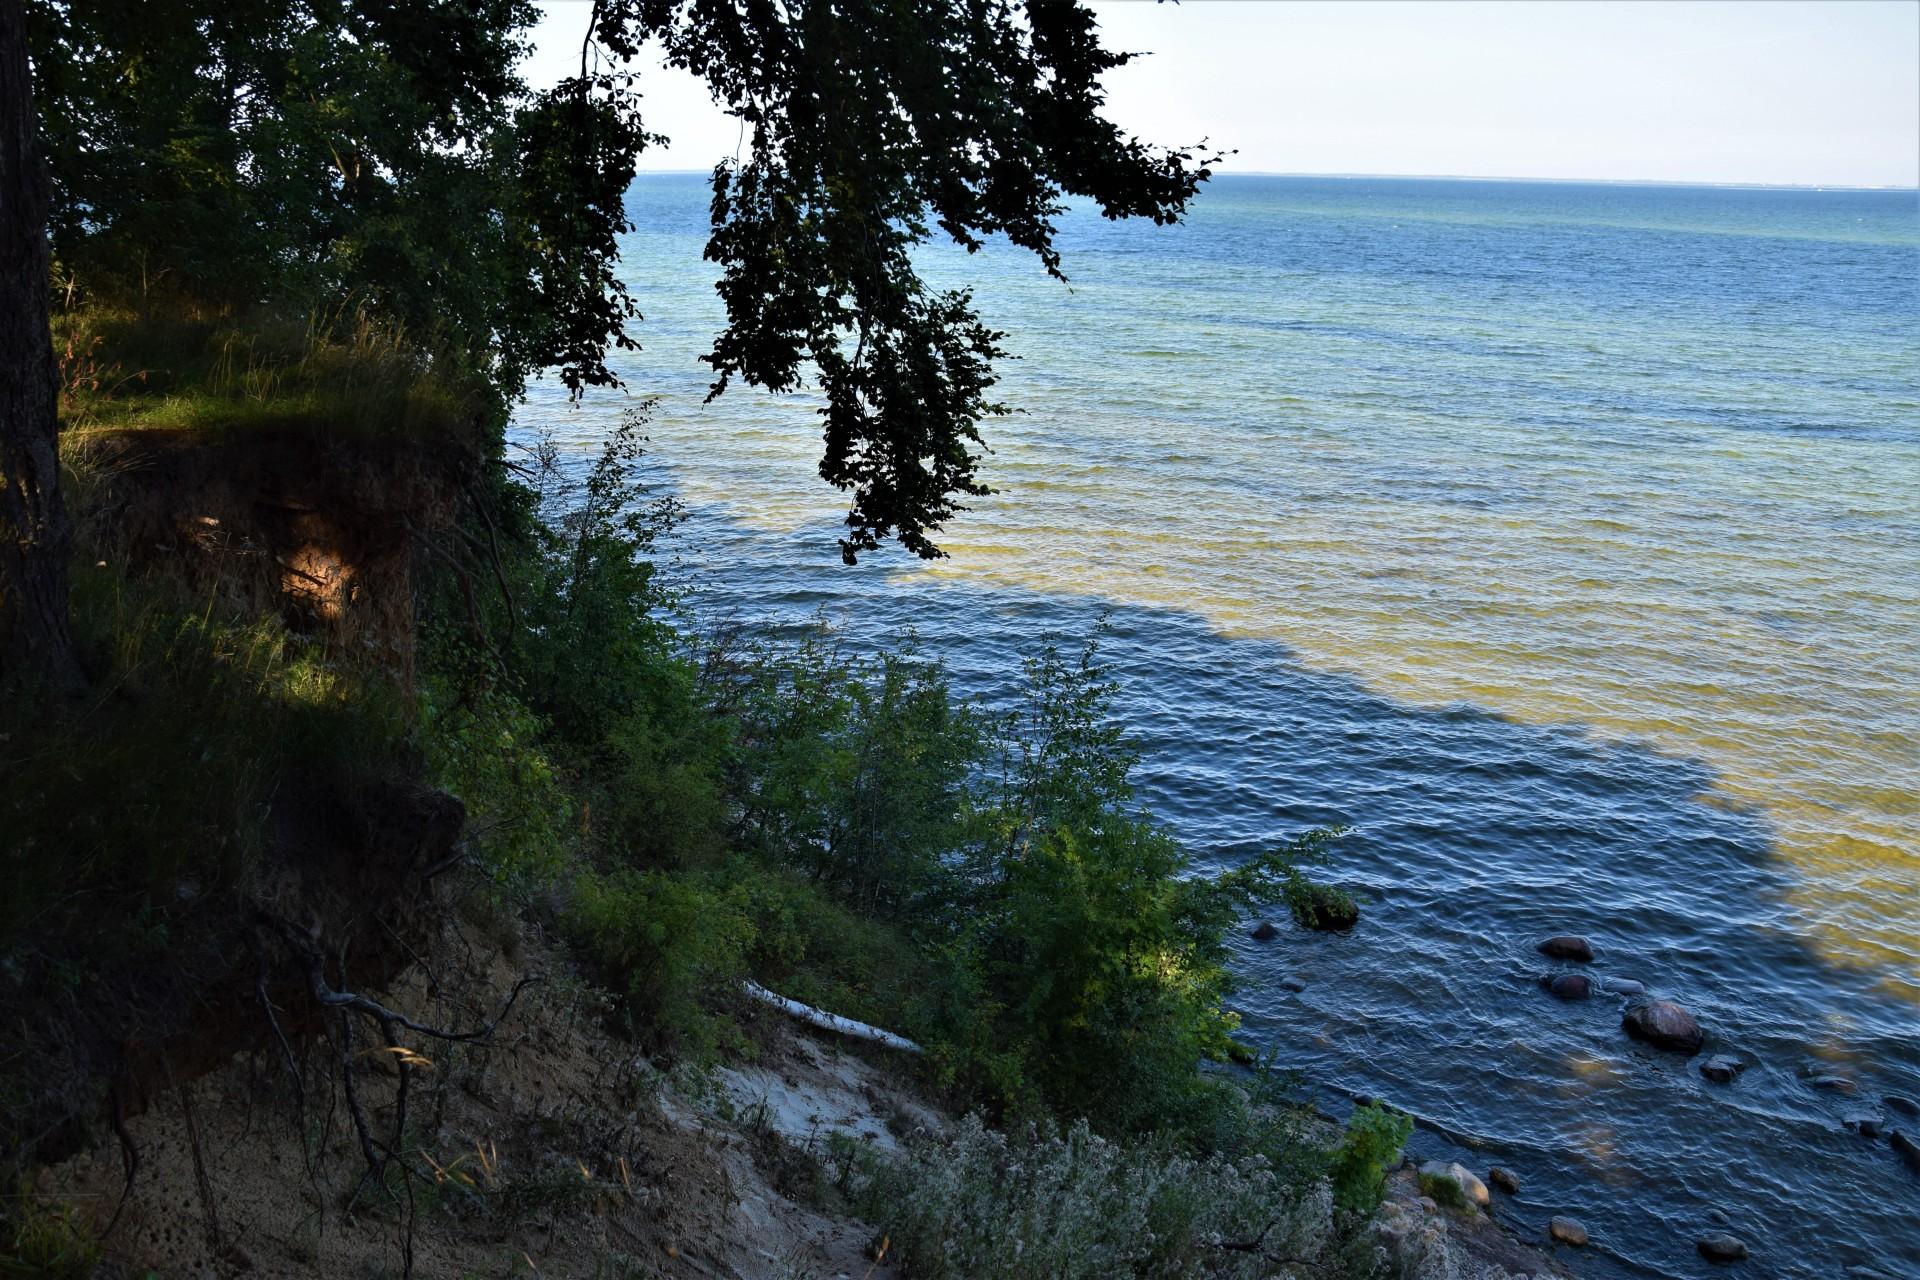 Cicha kameralna plaża w Osłoninie i Rzucewie. Plażing chodzony 13